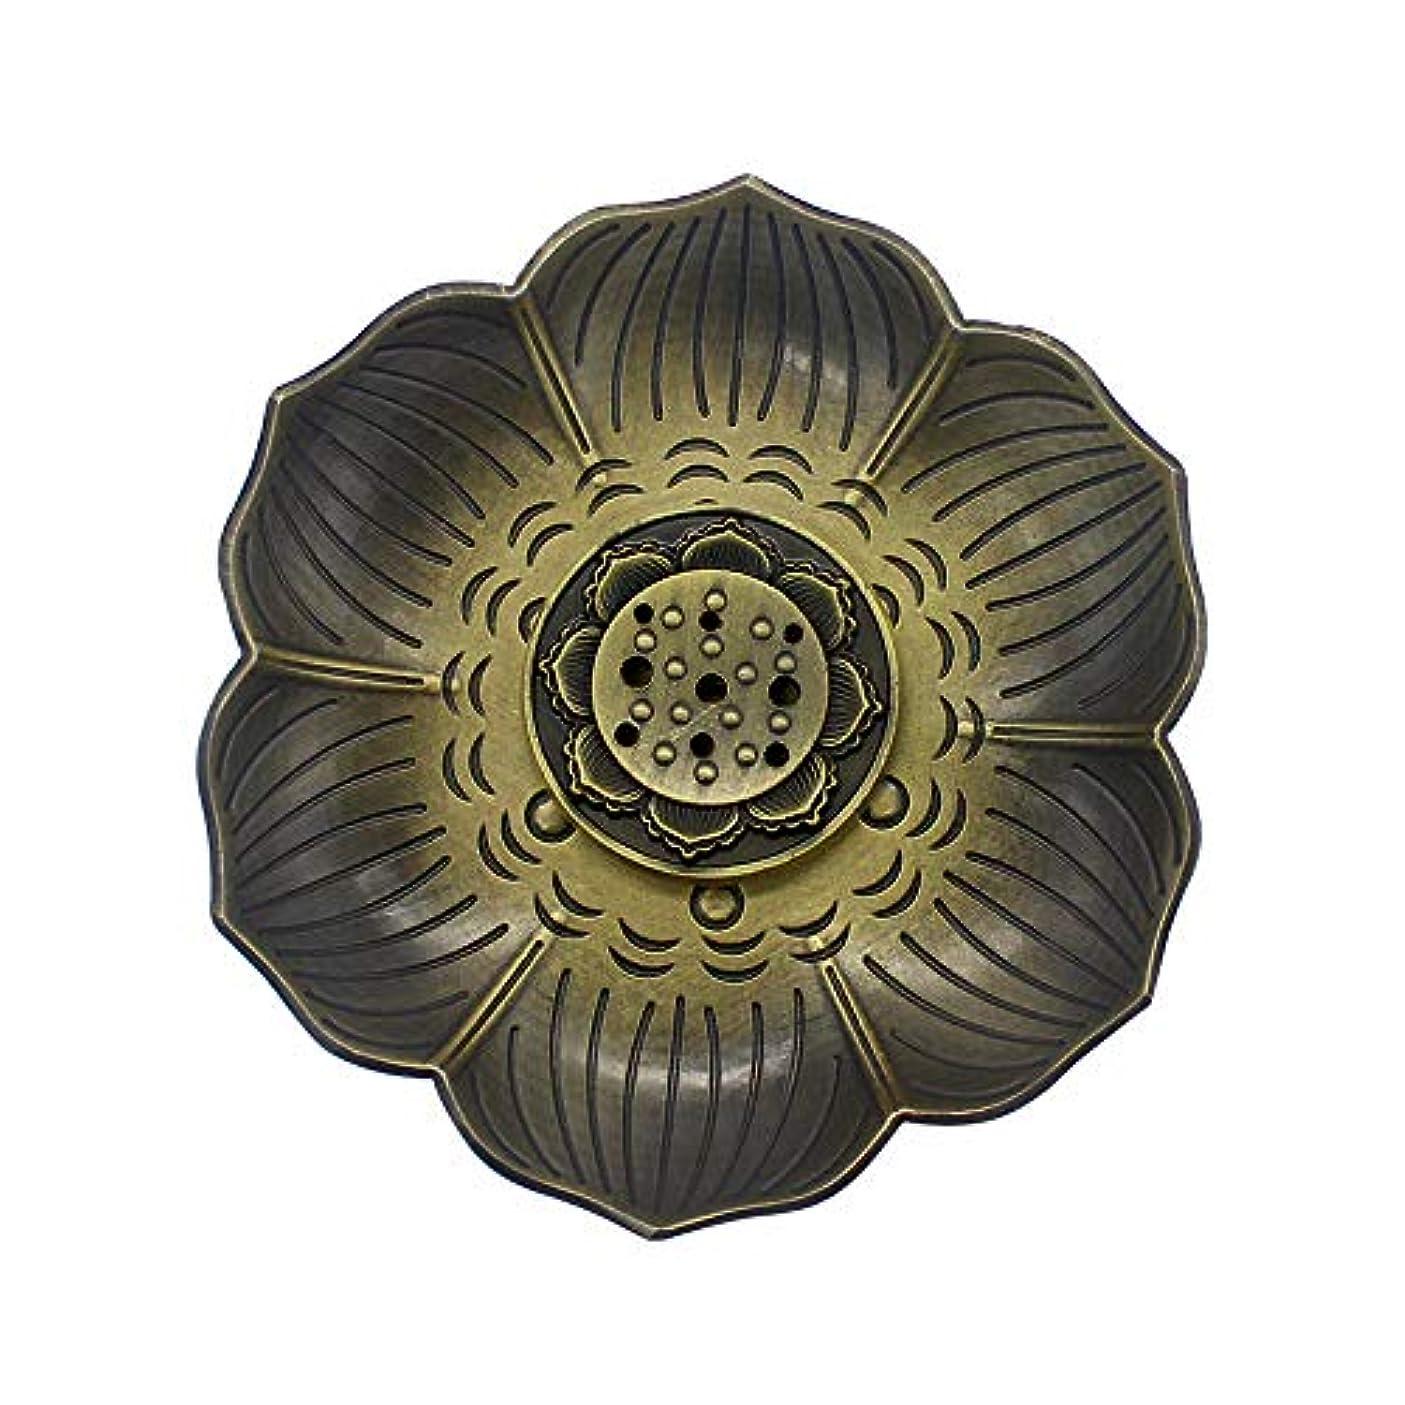 ゴムコーンウォールウェイトレスMyLifeUNITブロンズLotus Incenseホルダー、多目的香炉お香の円錐、またはコイル